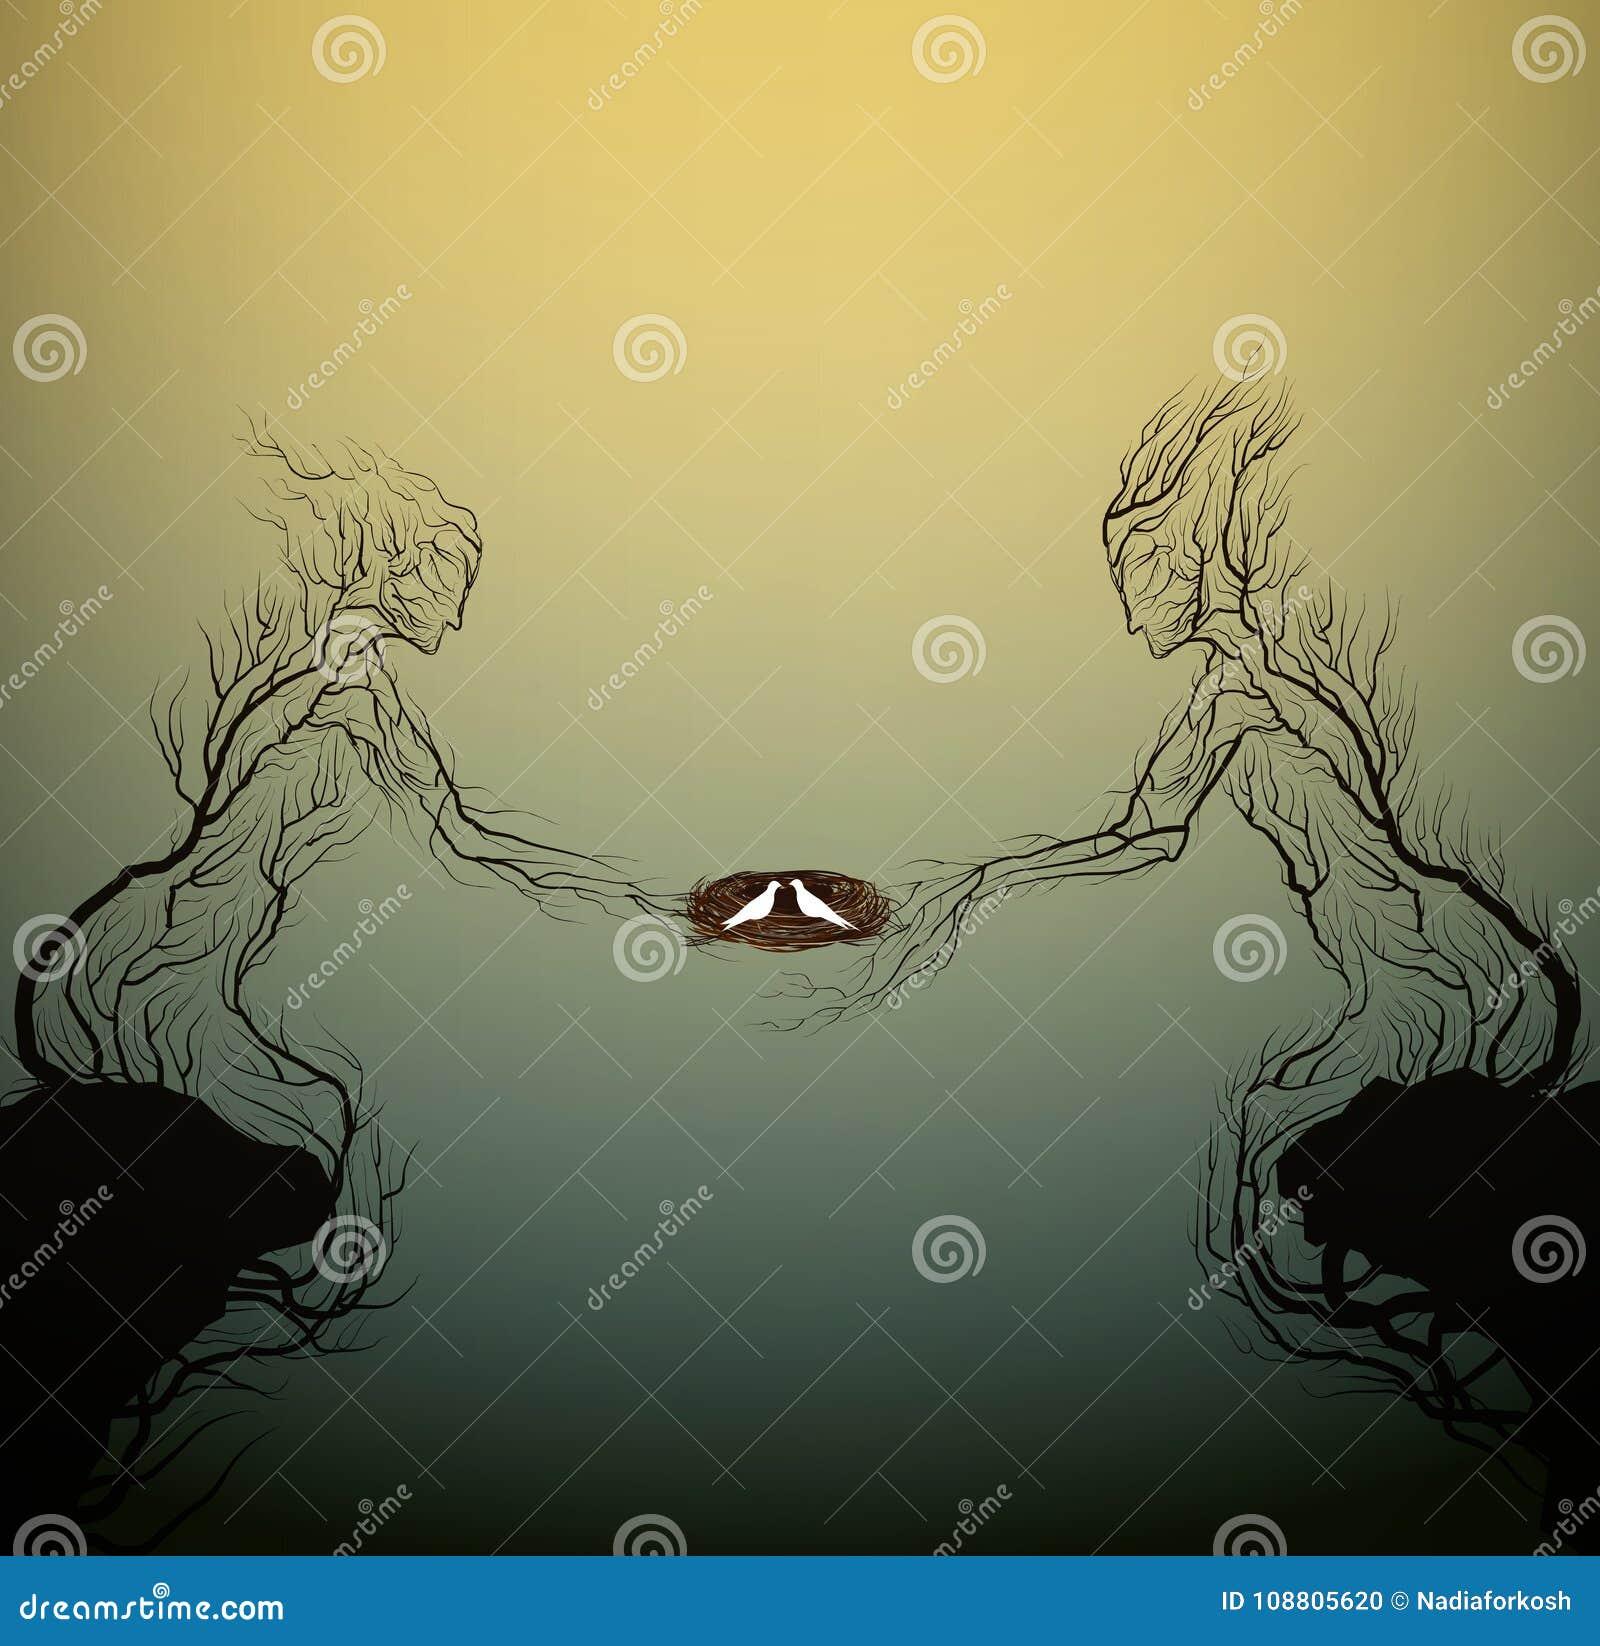 Duas silhuetas da árvore gostam de um homem e a mulher que guarda pássaros aninha-se, povos como a planta,